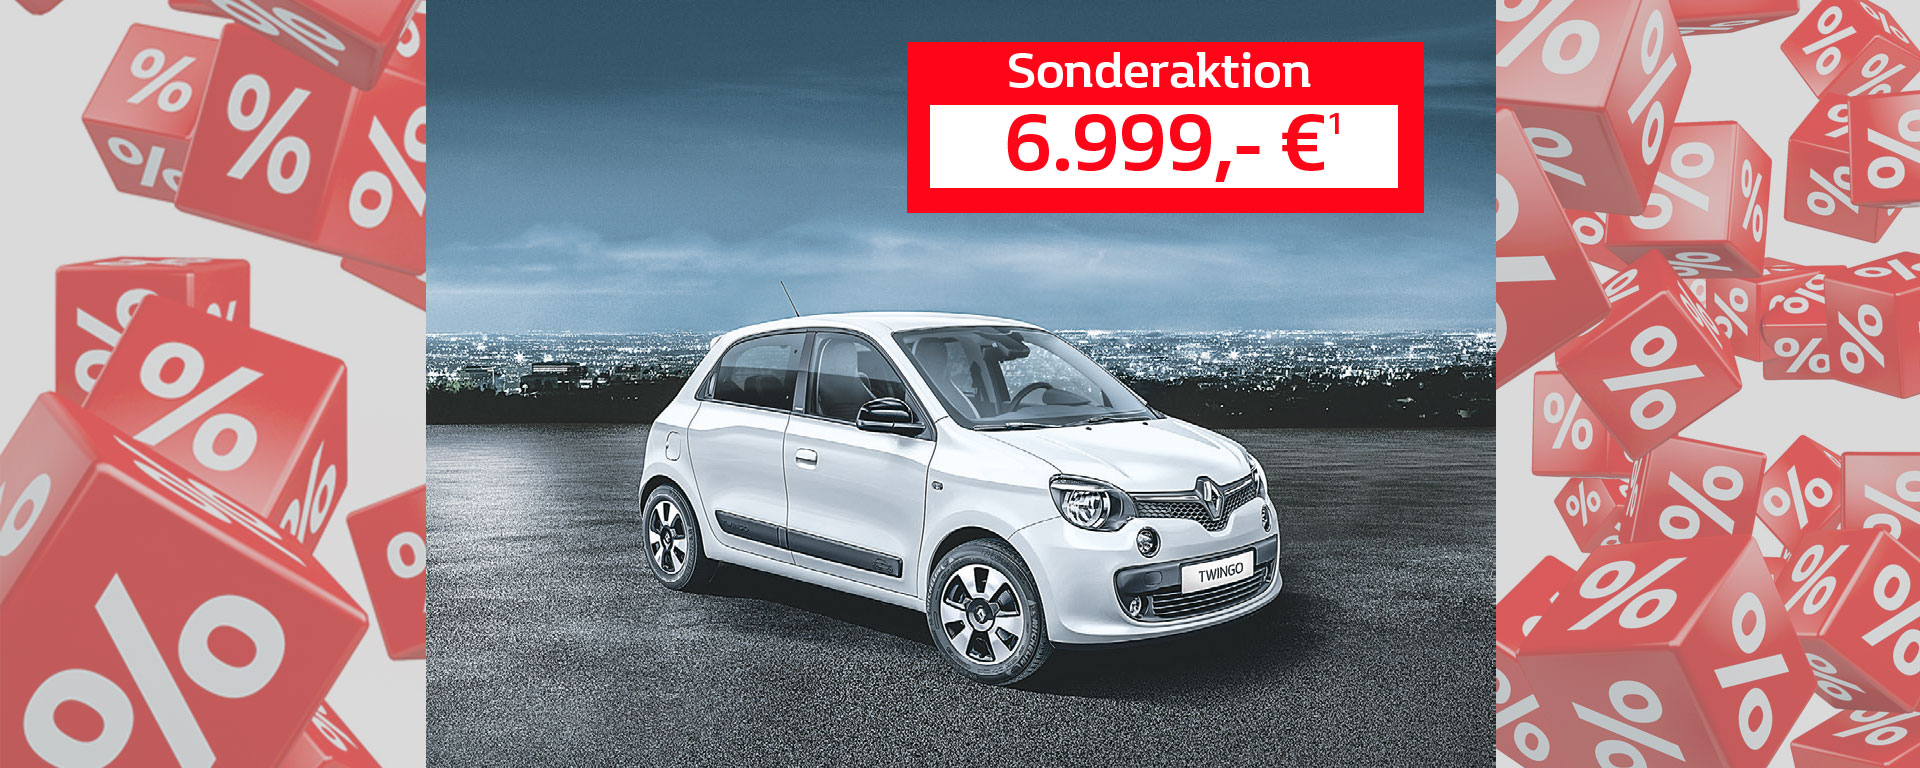 Renault Twingo - 6.999,- €